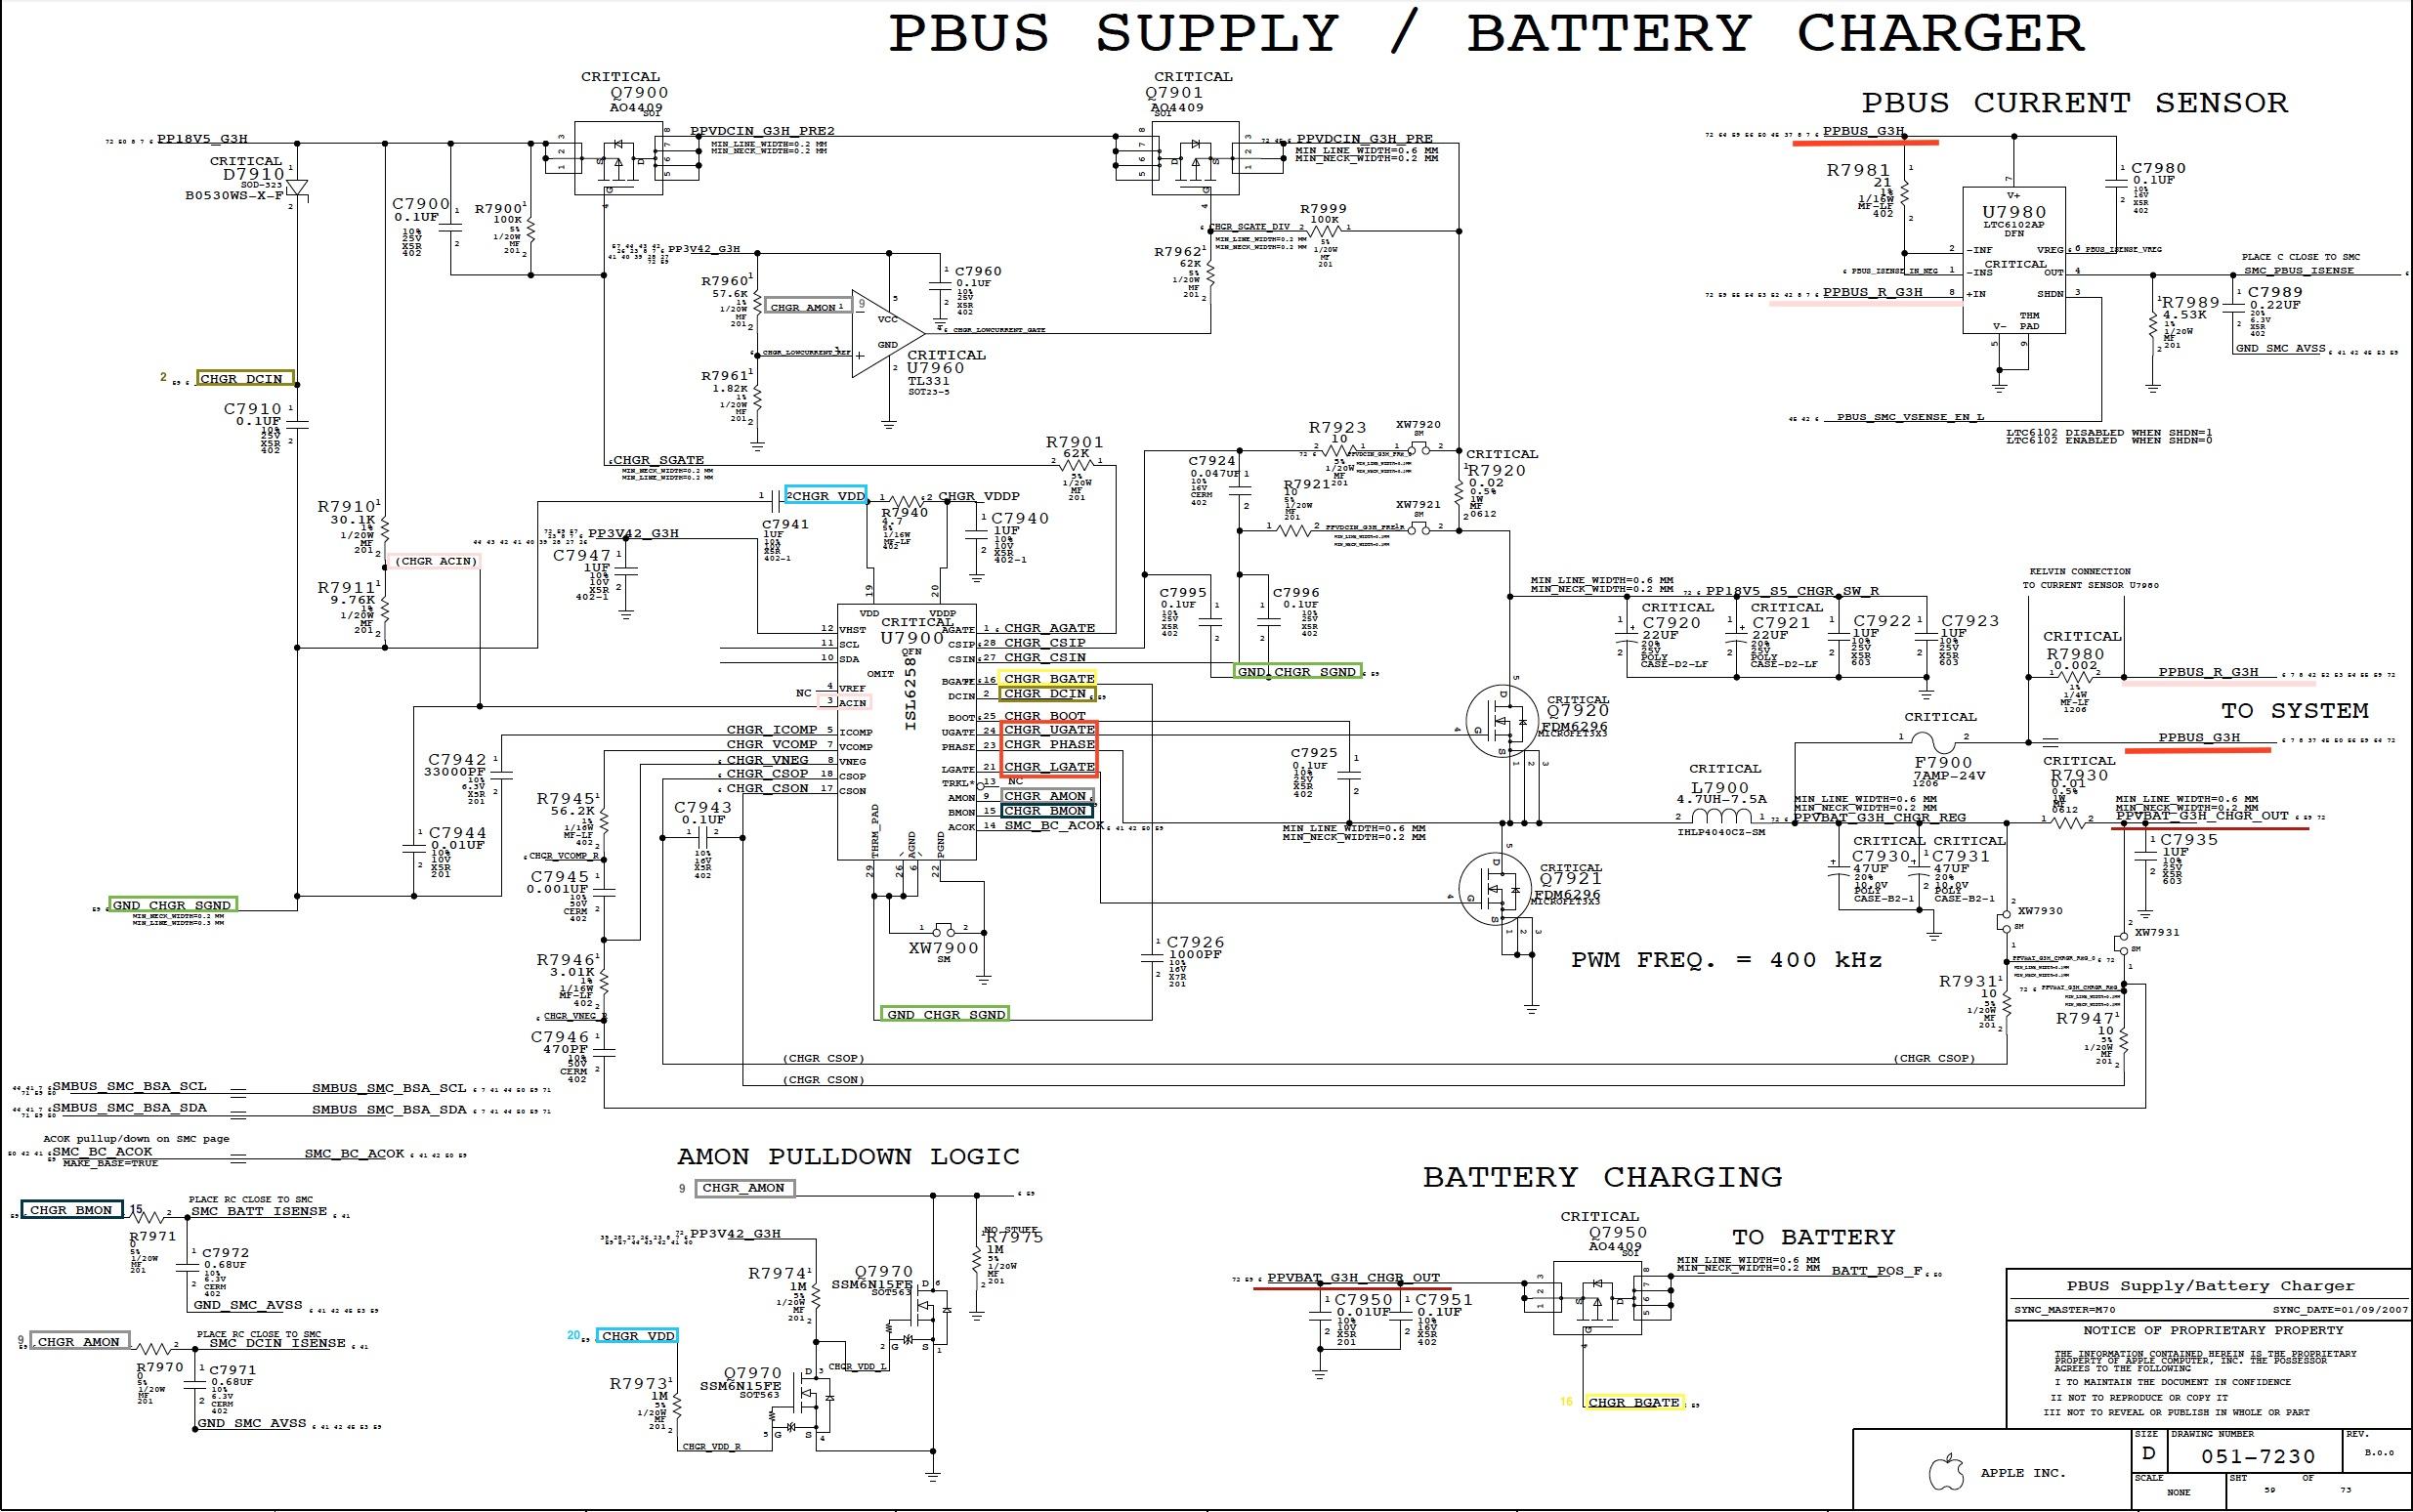 Ремонт батареи ноутбука схема